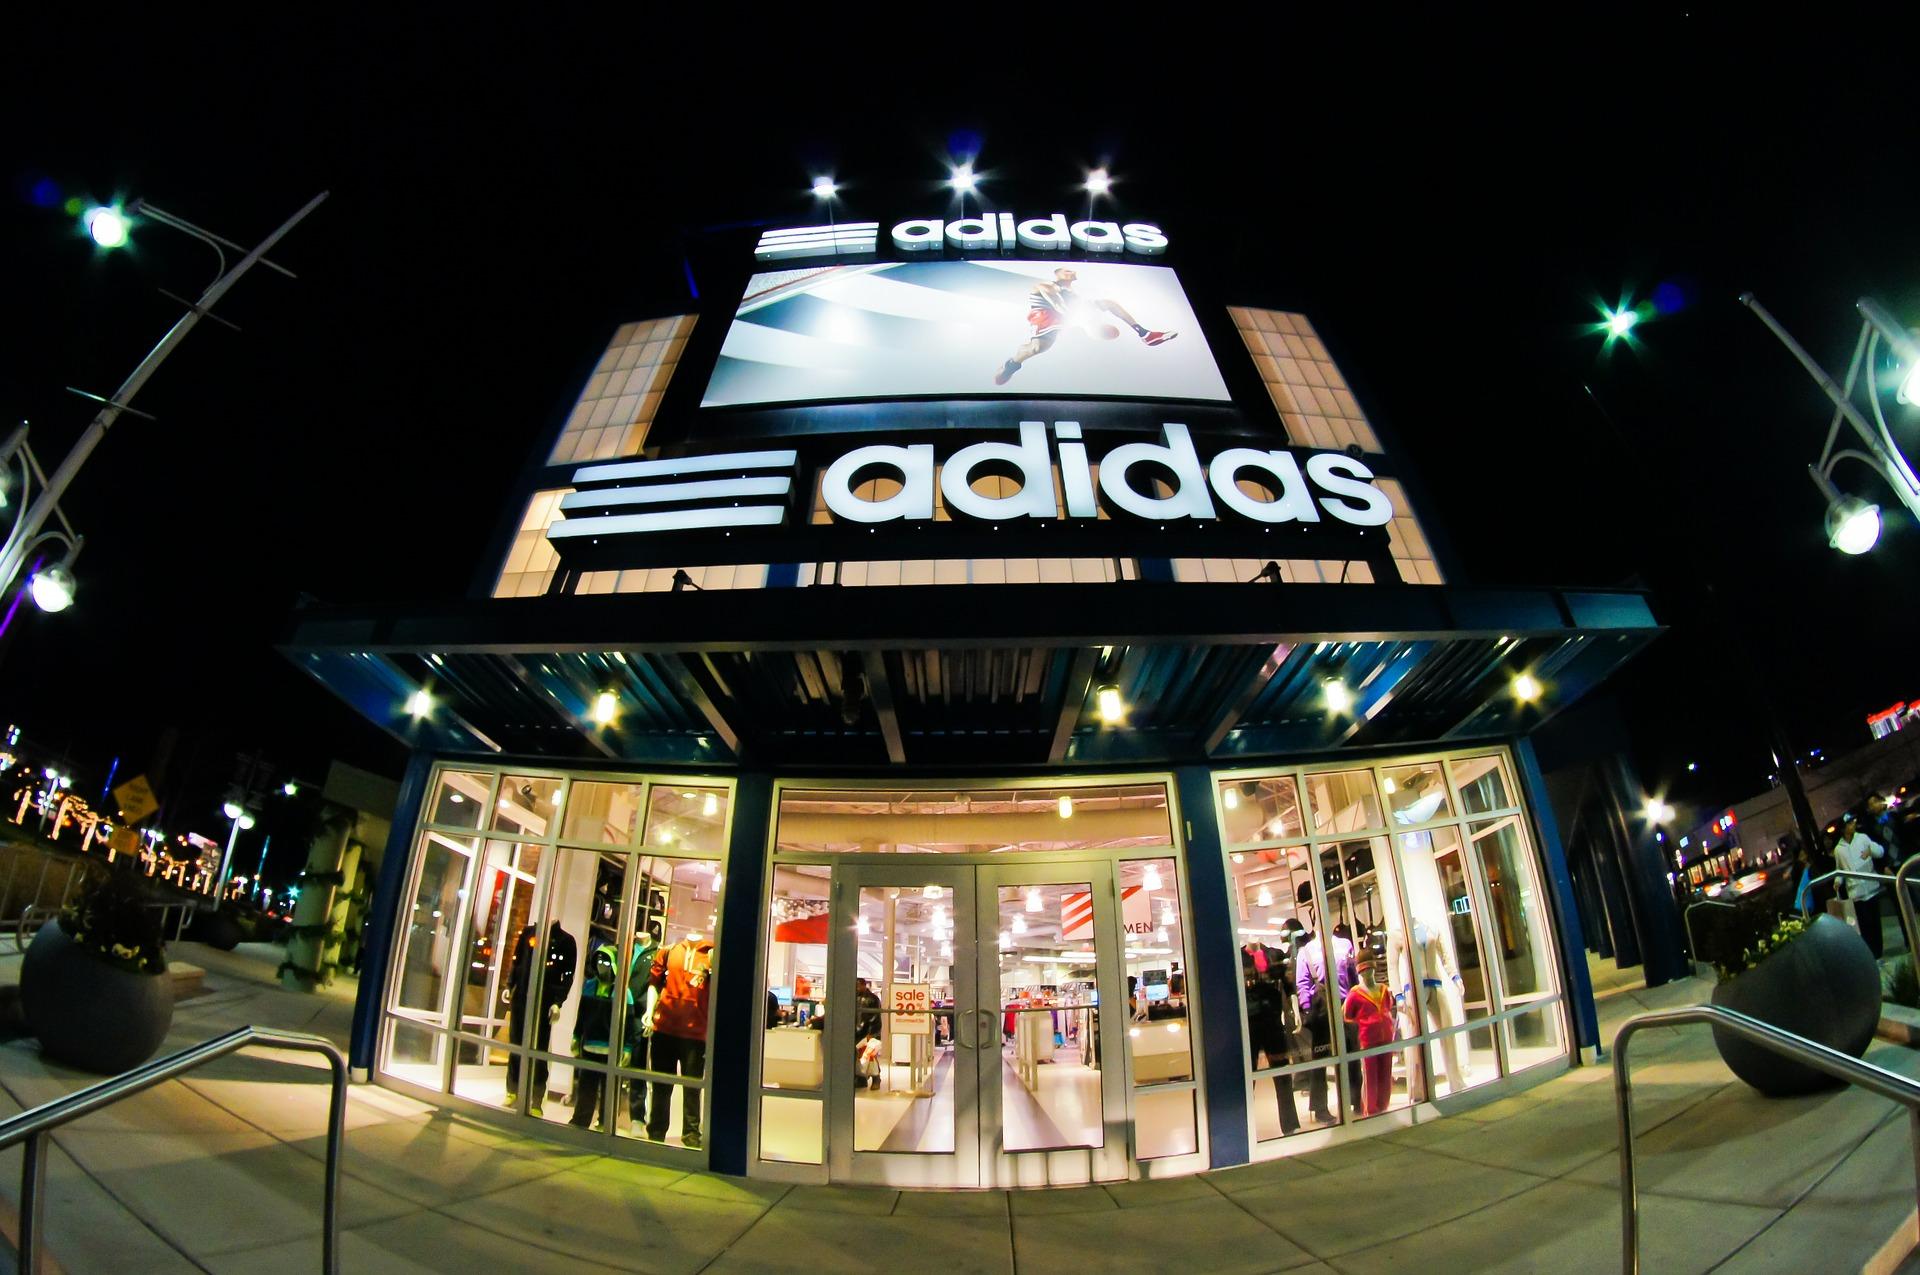 Adidas(アディダス) 福袋2020の値段や予約開始日は?中身のネタバレも紹介!